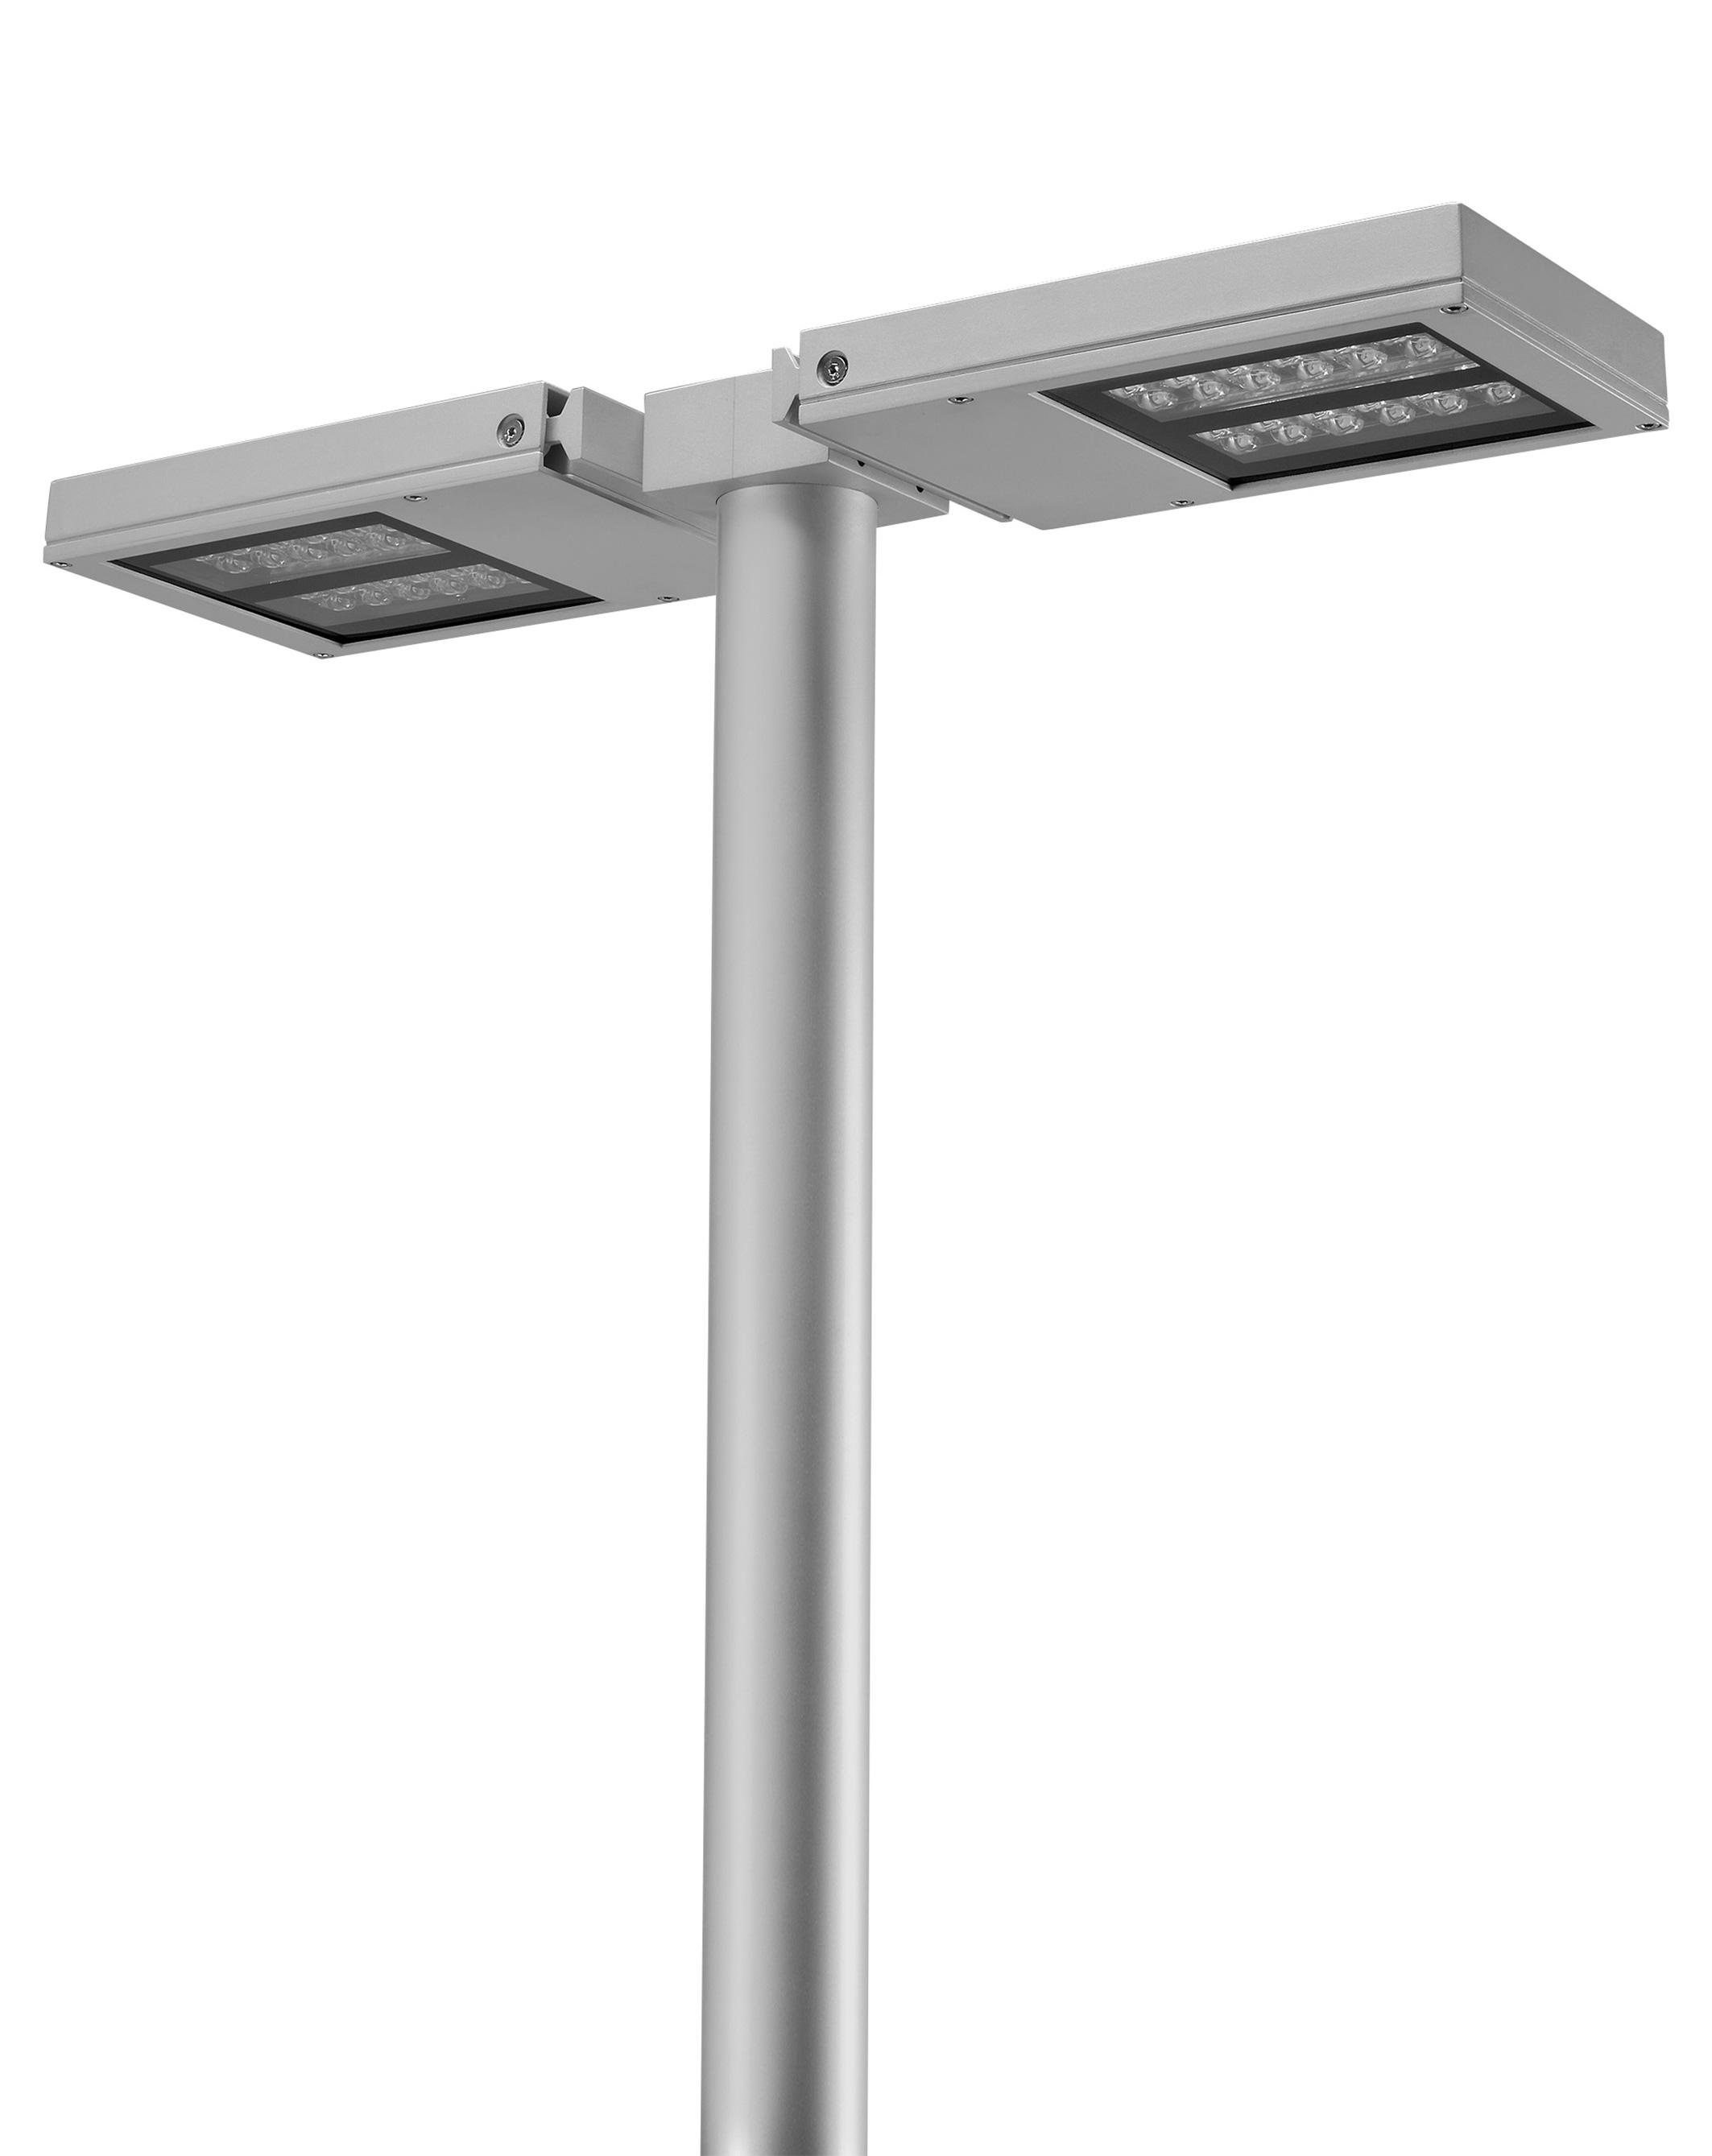 807002-807005 RING POLE MEDIUM LED 8